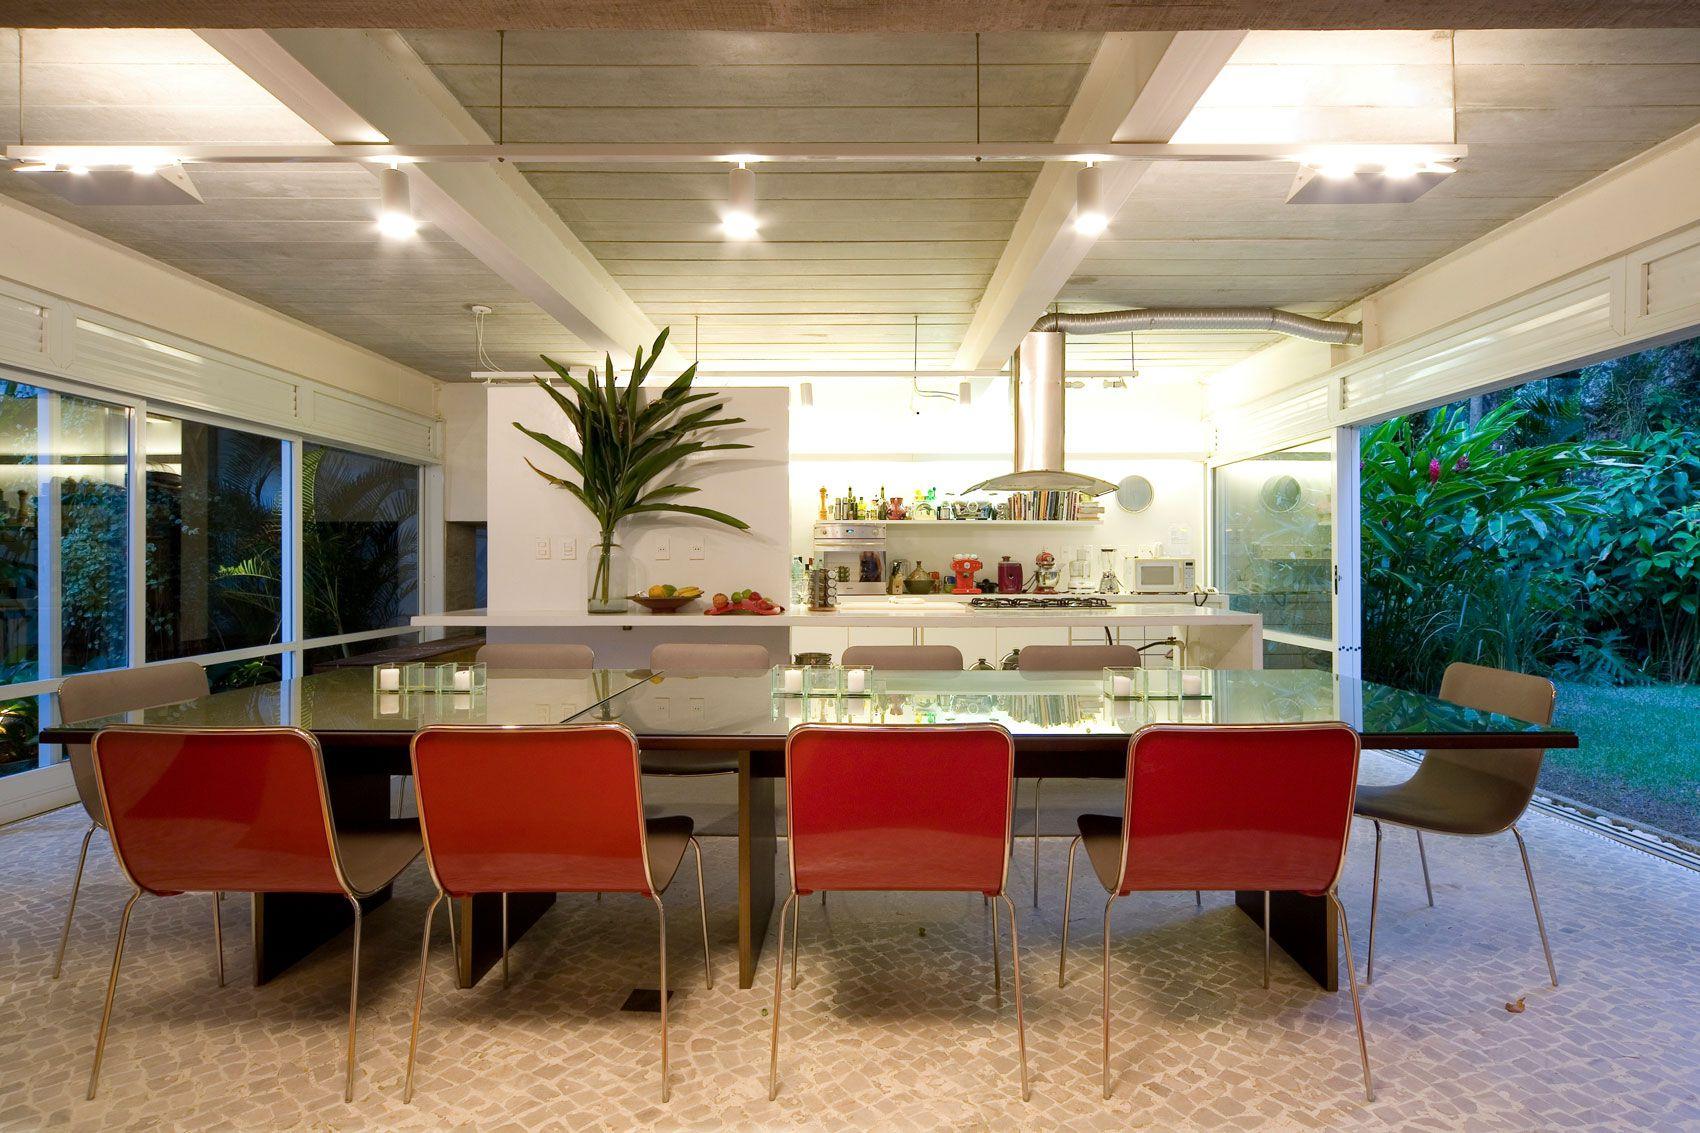 Residence-in-Itanhanga-09